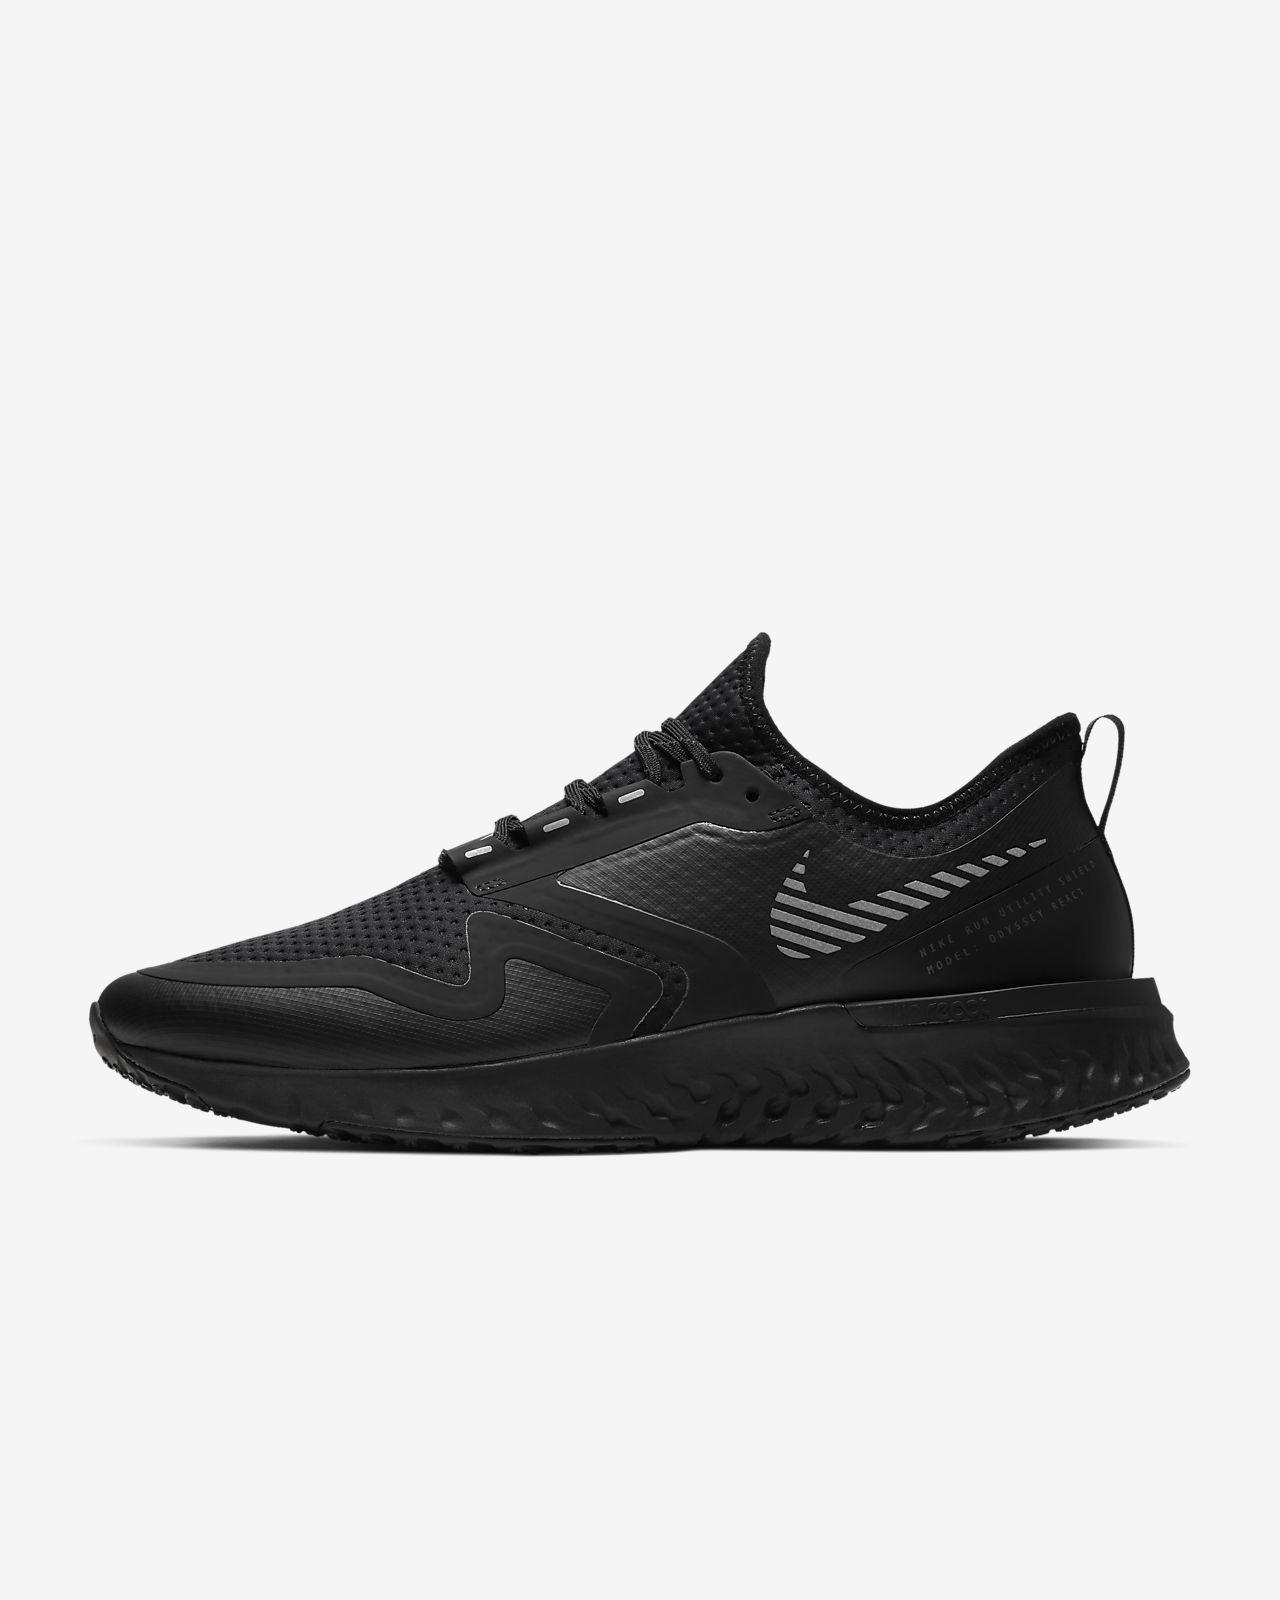 Löparsko Nike Odyssey React Shield 2 för män